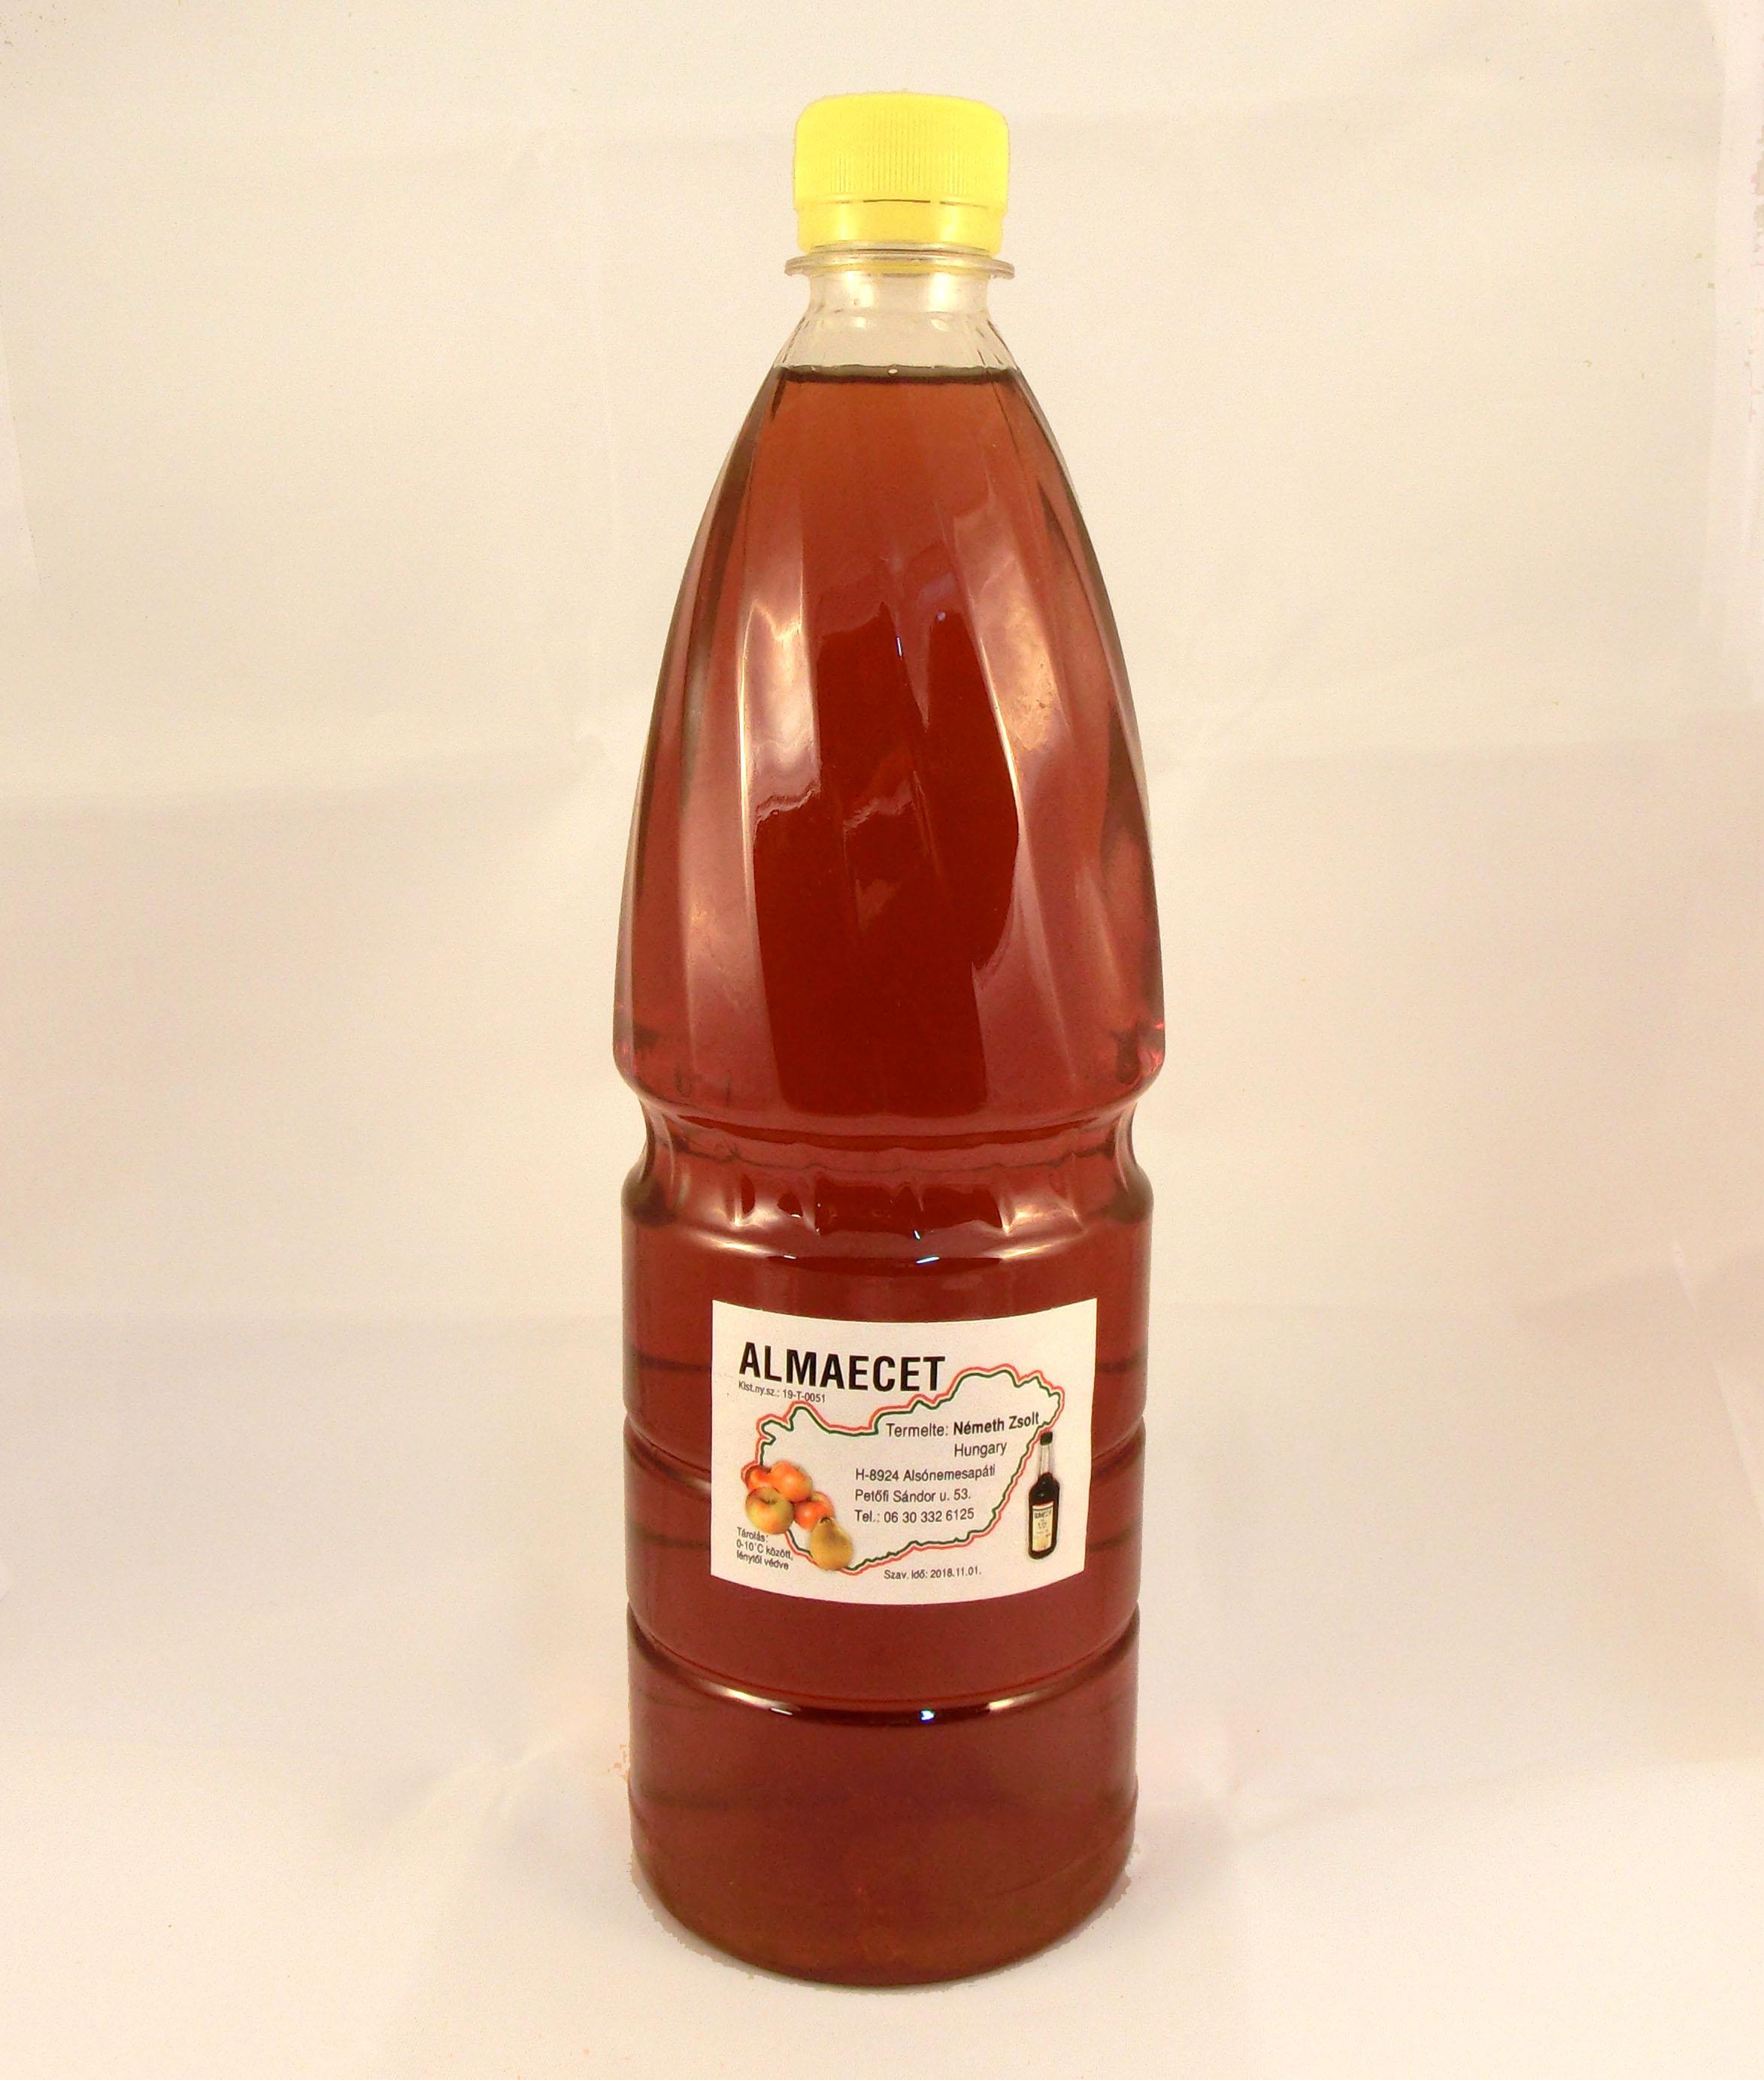 Almaecet 1 liter műanyagflakonos - Németh Méhészet méz..